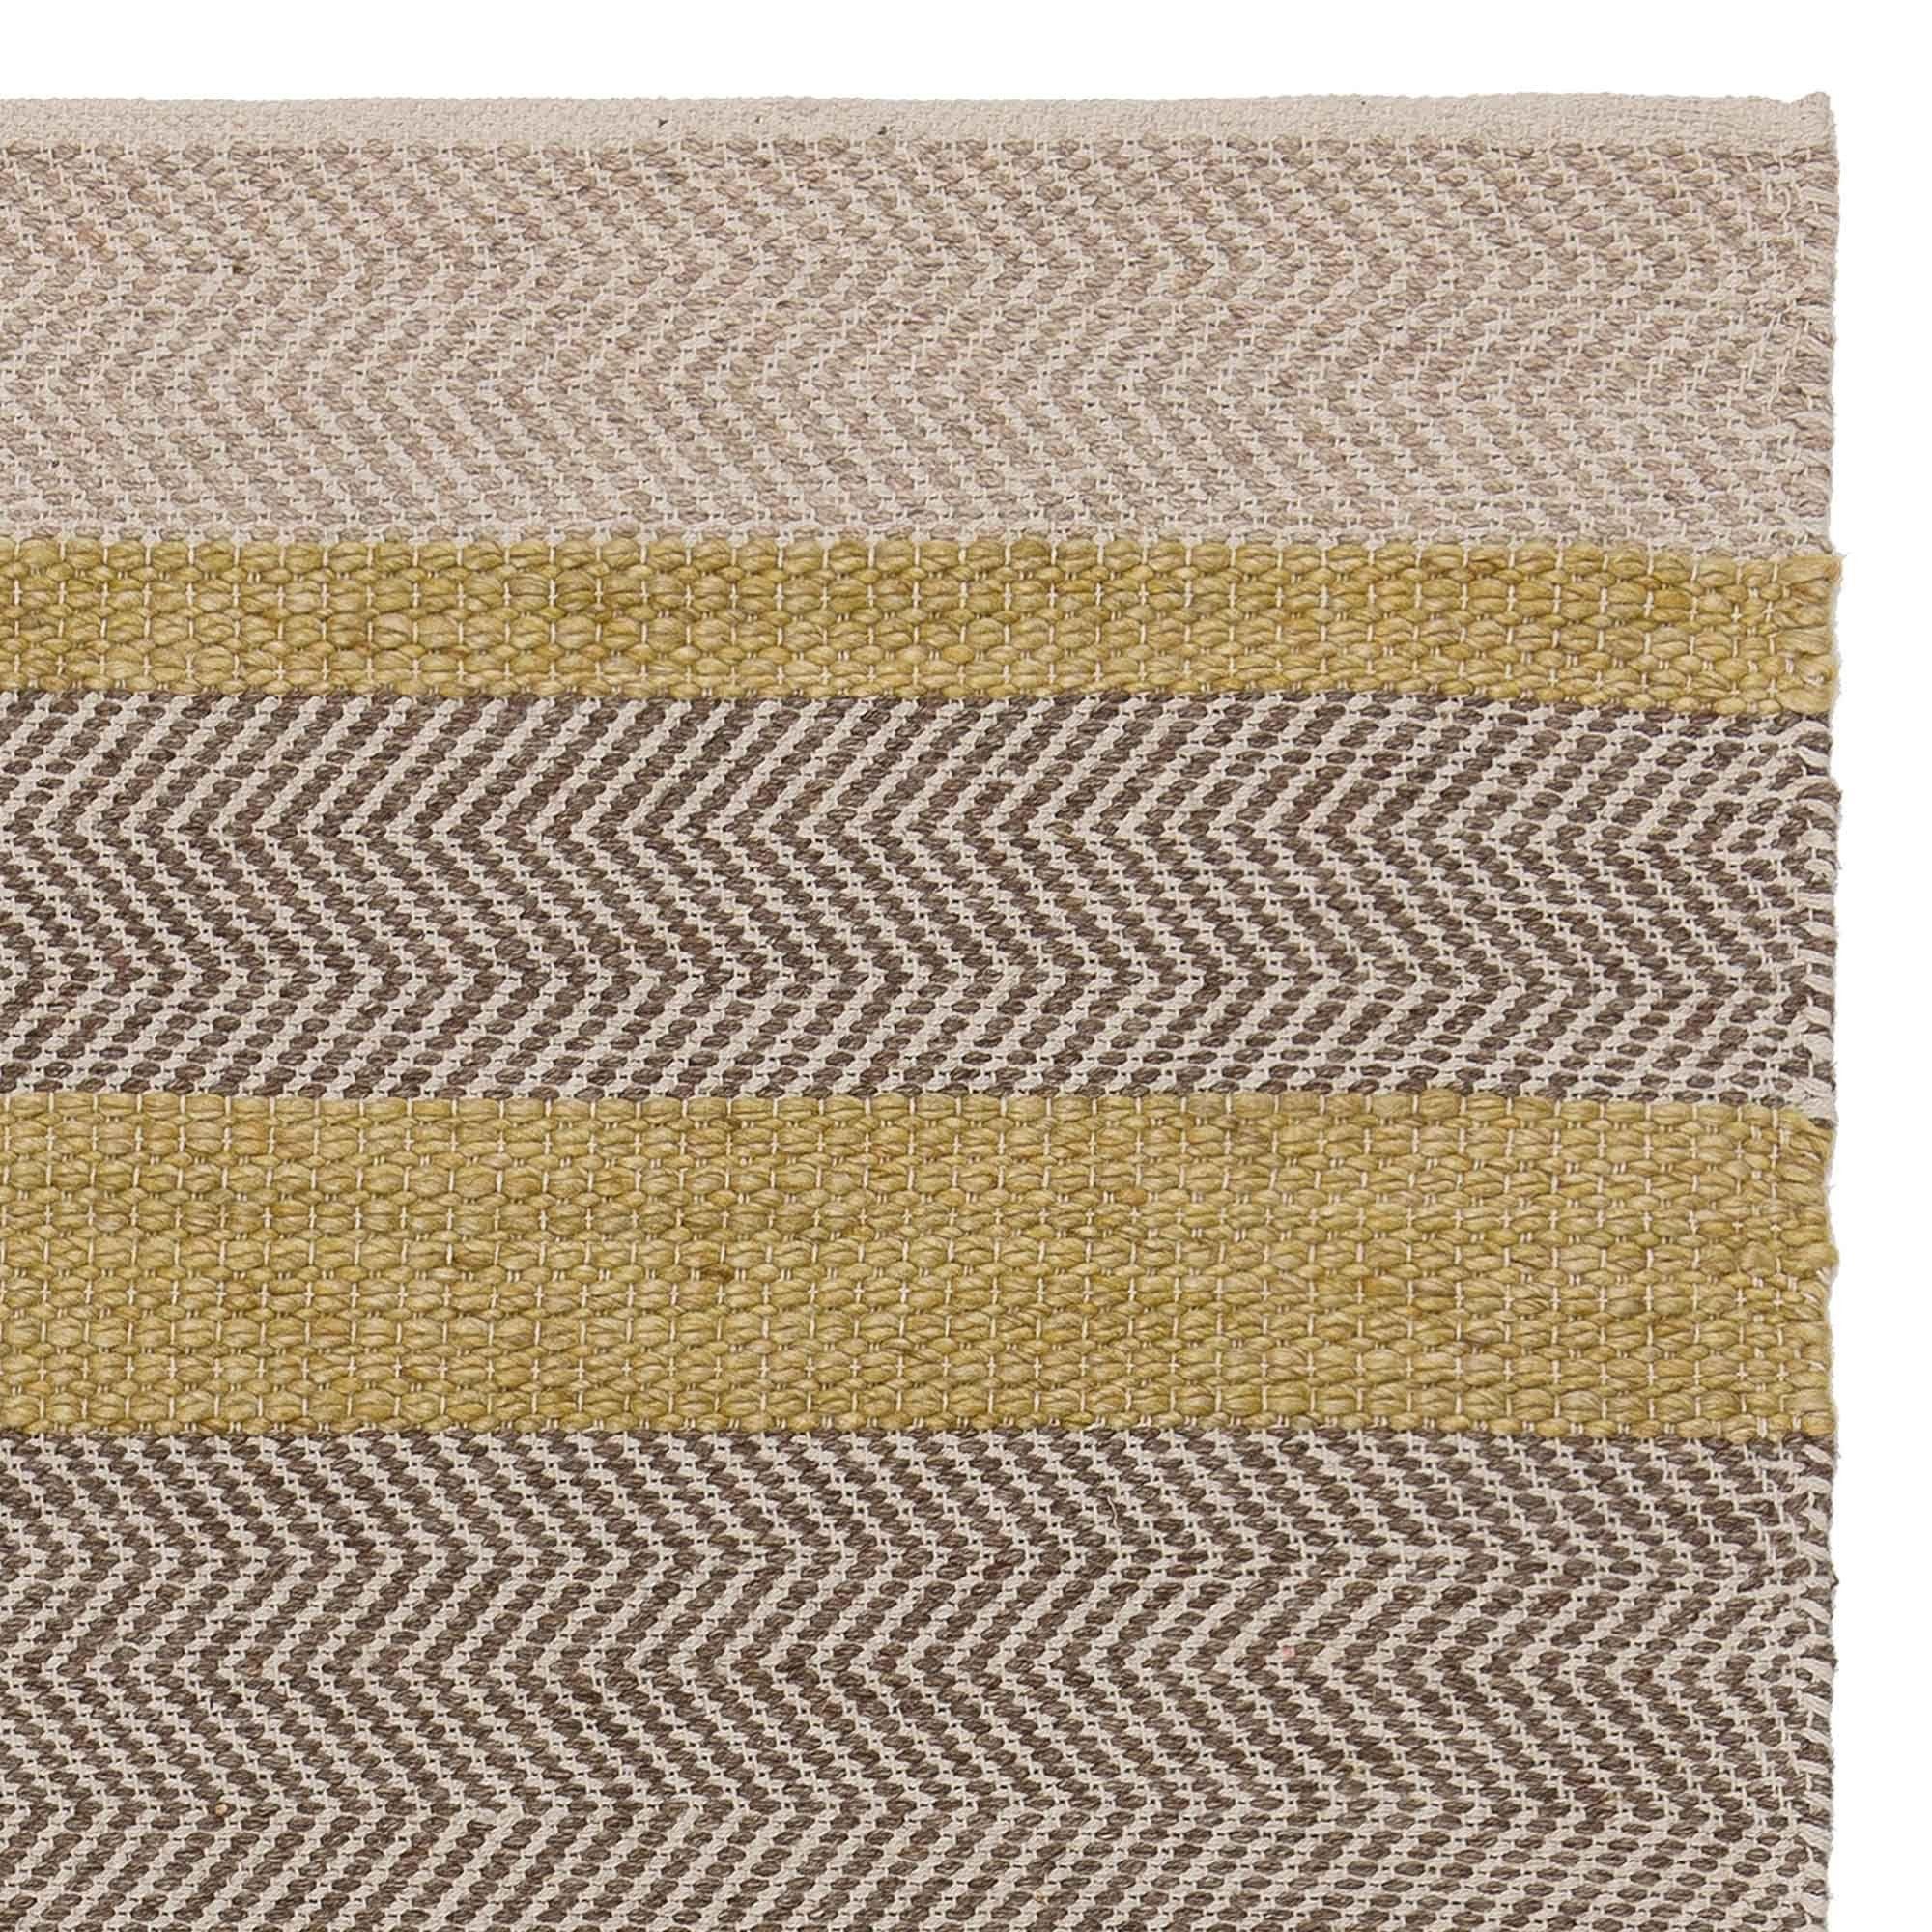 Teppich Alto Ocker Beige Hellbraun 160x230 Cm Hidden Urbanara Teppich Teppich Ideen Und Wollteppich